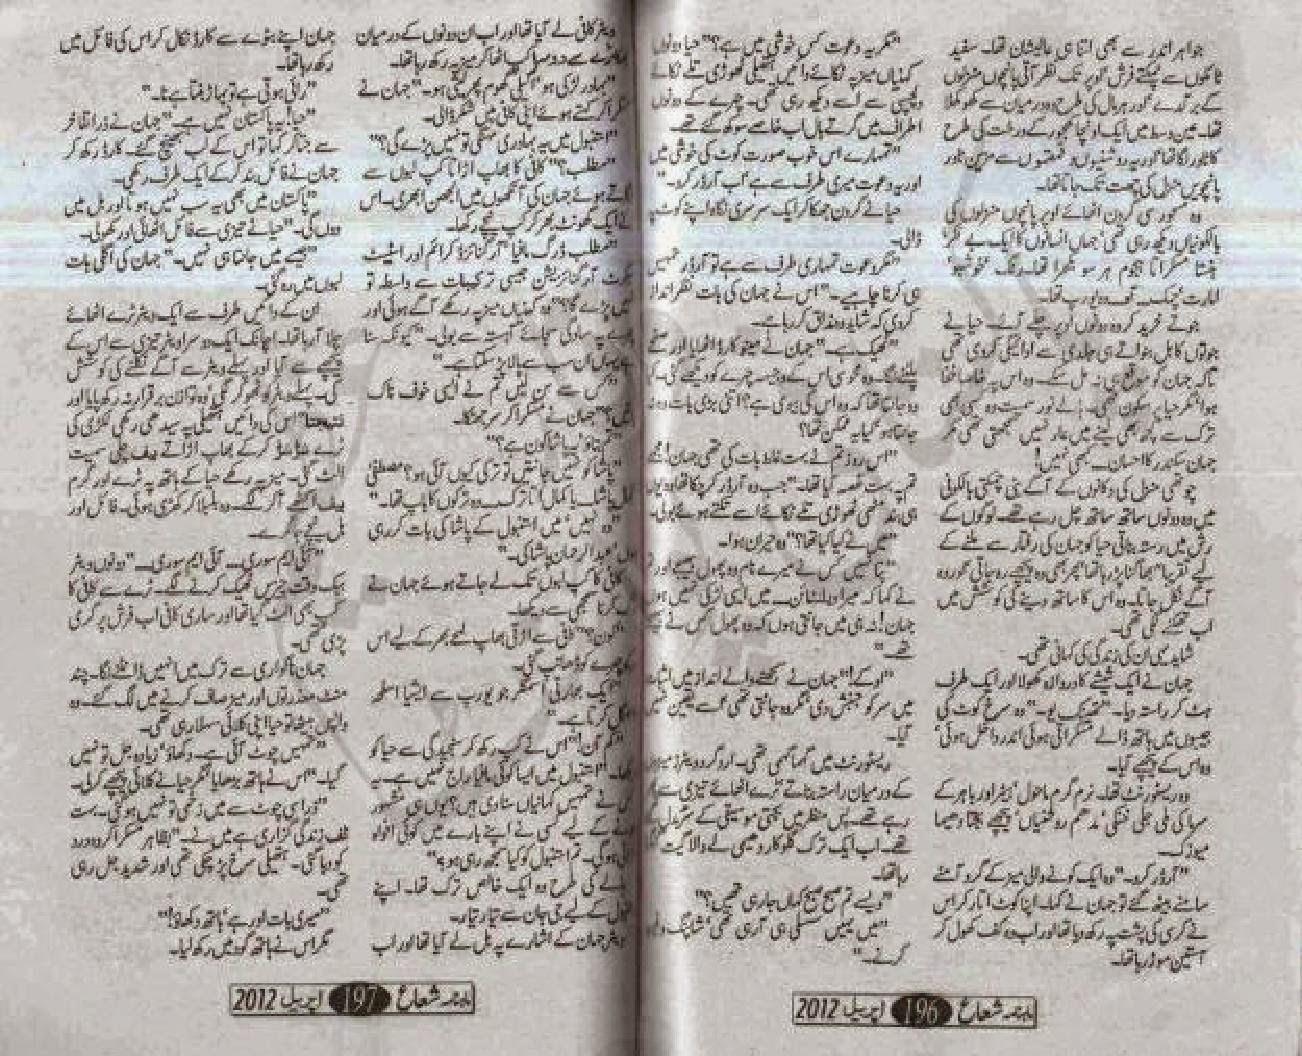 ... com blog novel jannat kay pattay by nimra ahmed jannat kay pattay html